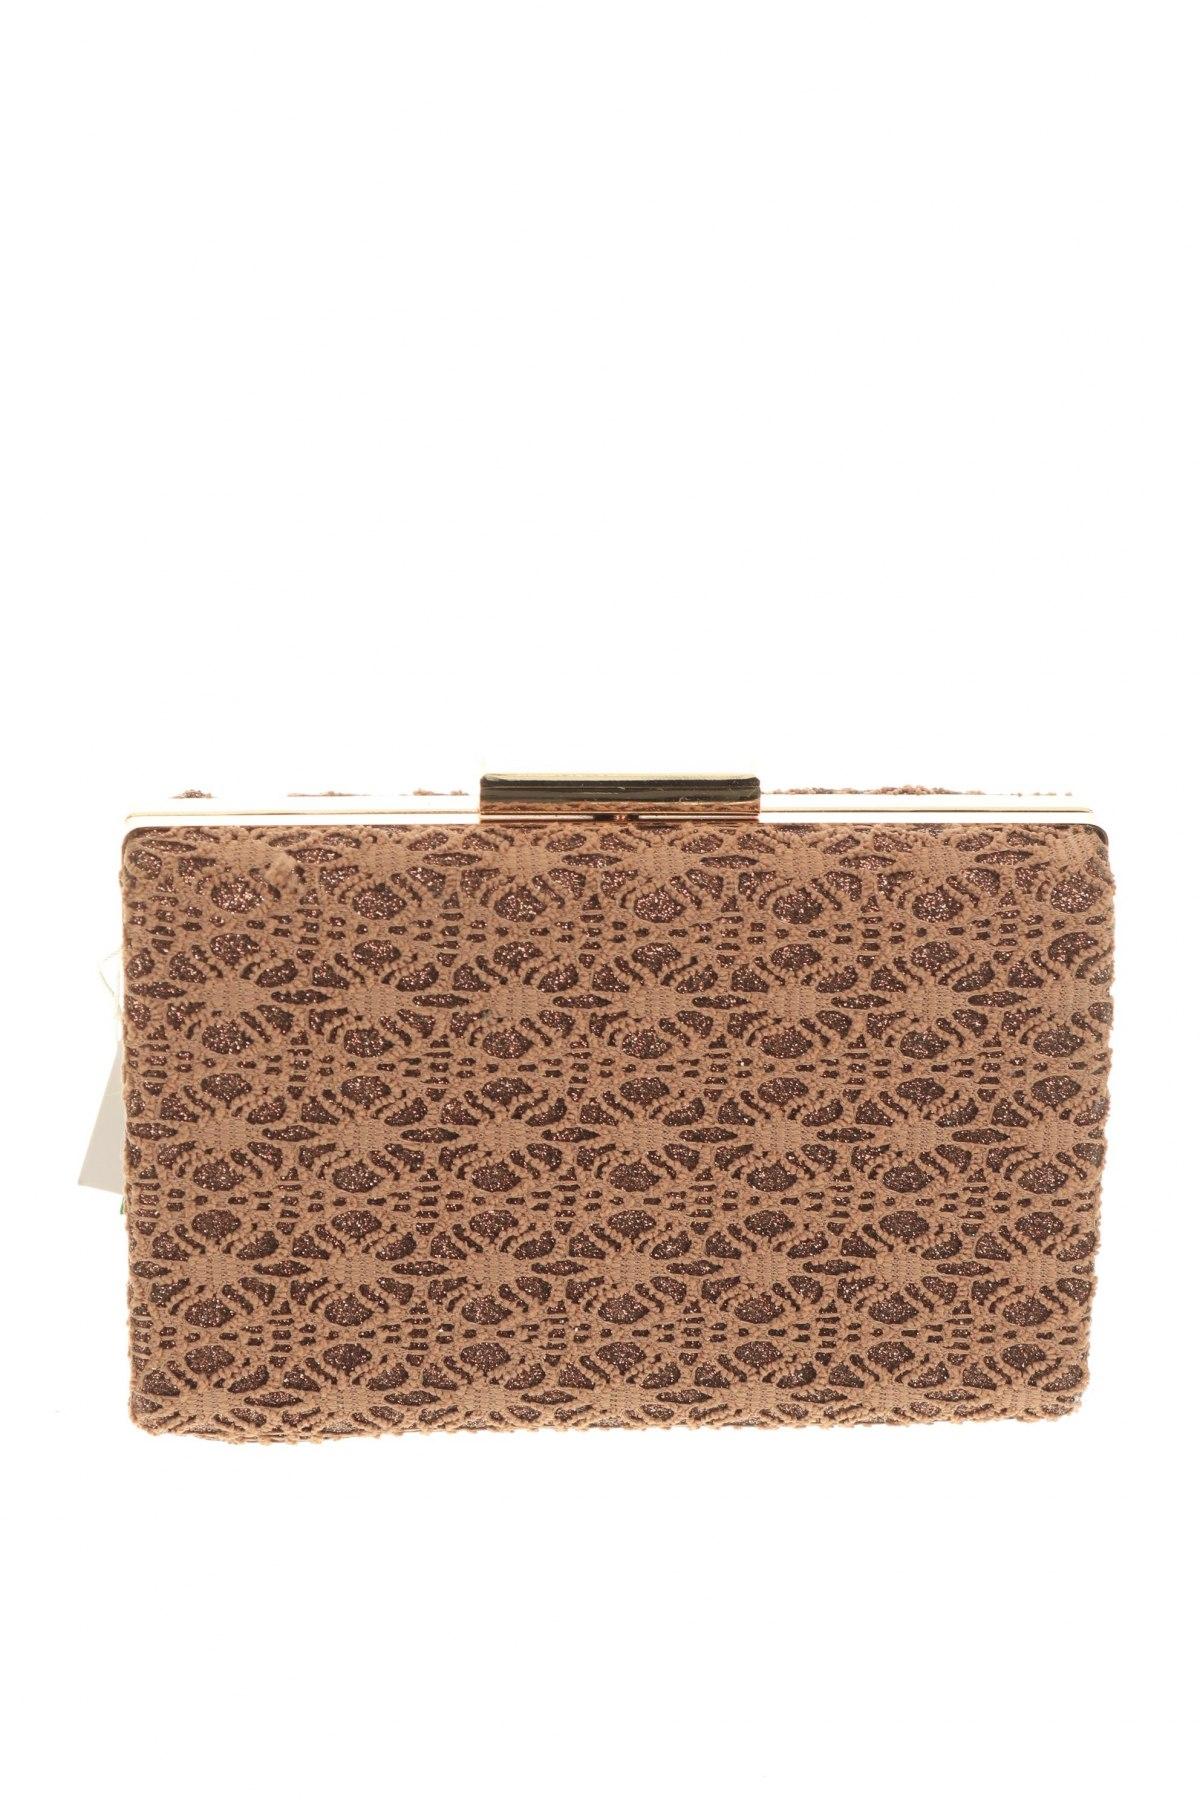 Дамска чанта Verde, Цвят Кафяв, Текстил, Цена 12,25лв.